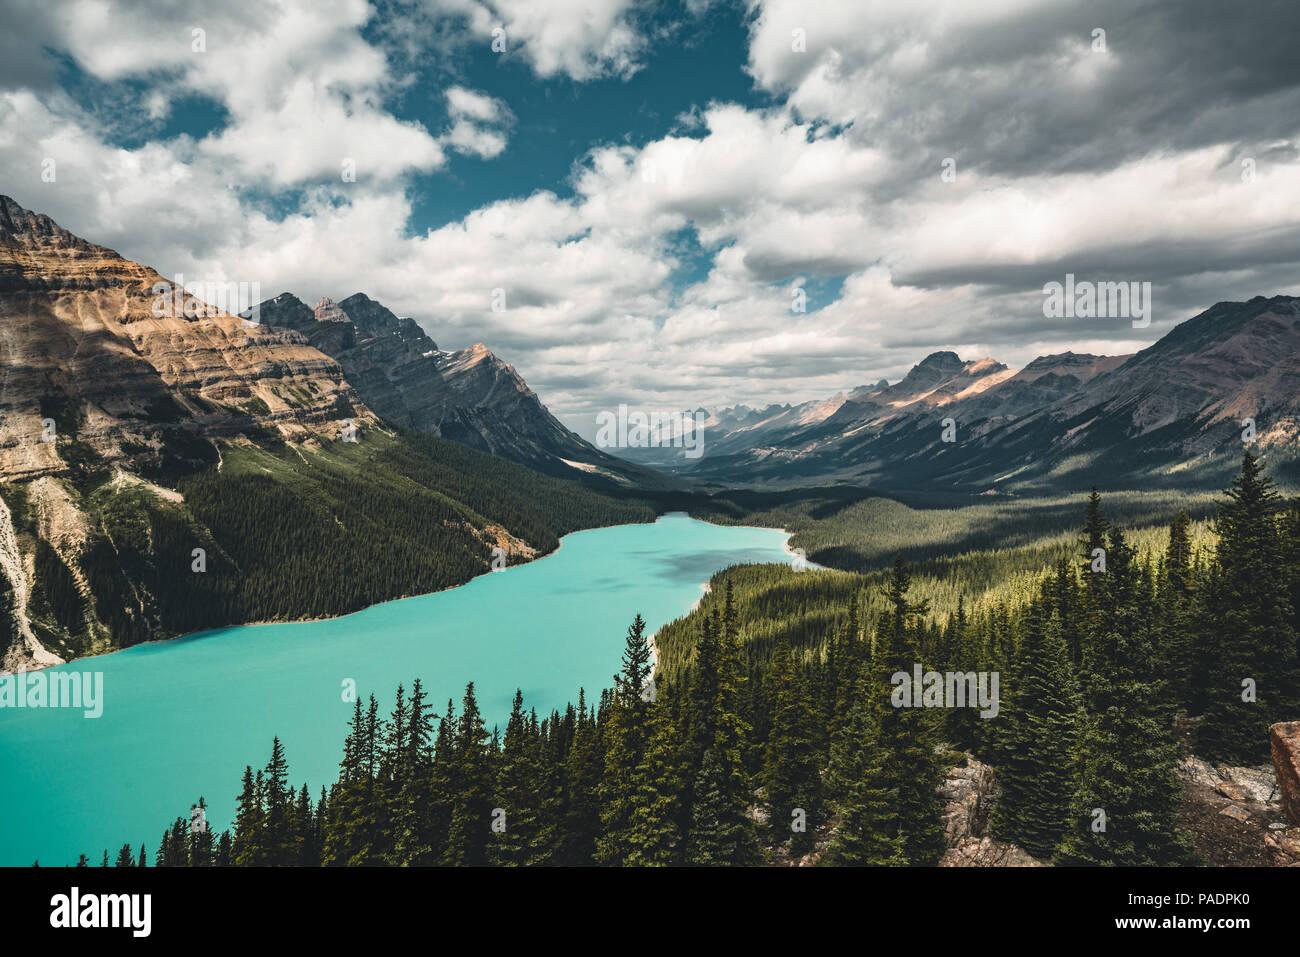 Vista sobre el Lago Peyto, Parque Nacional de Banff Canadá Imagen De Stock